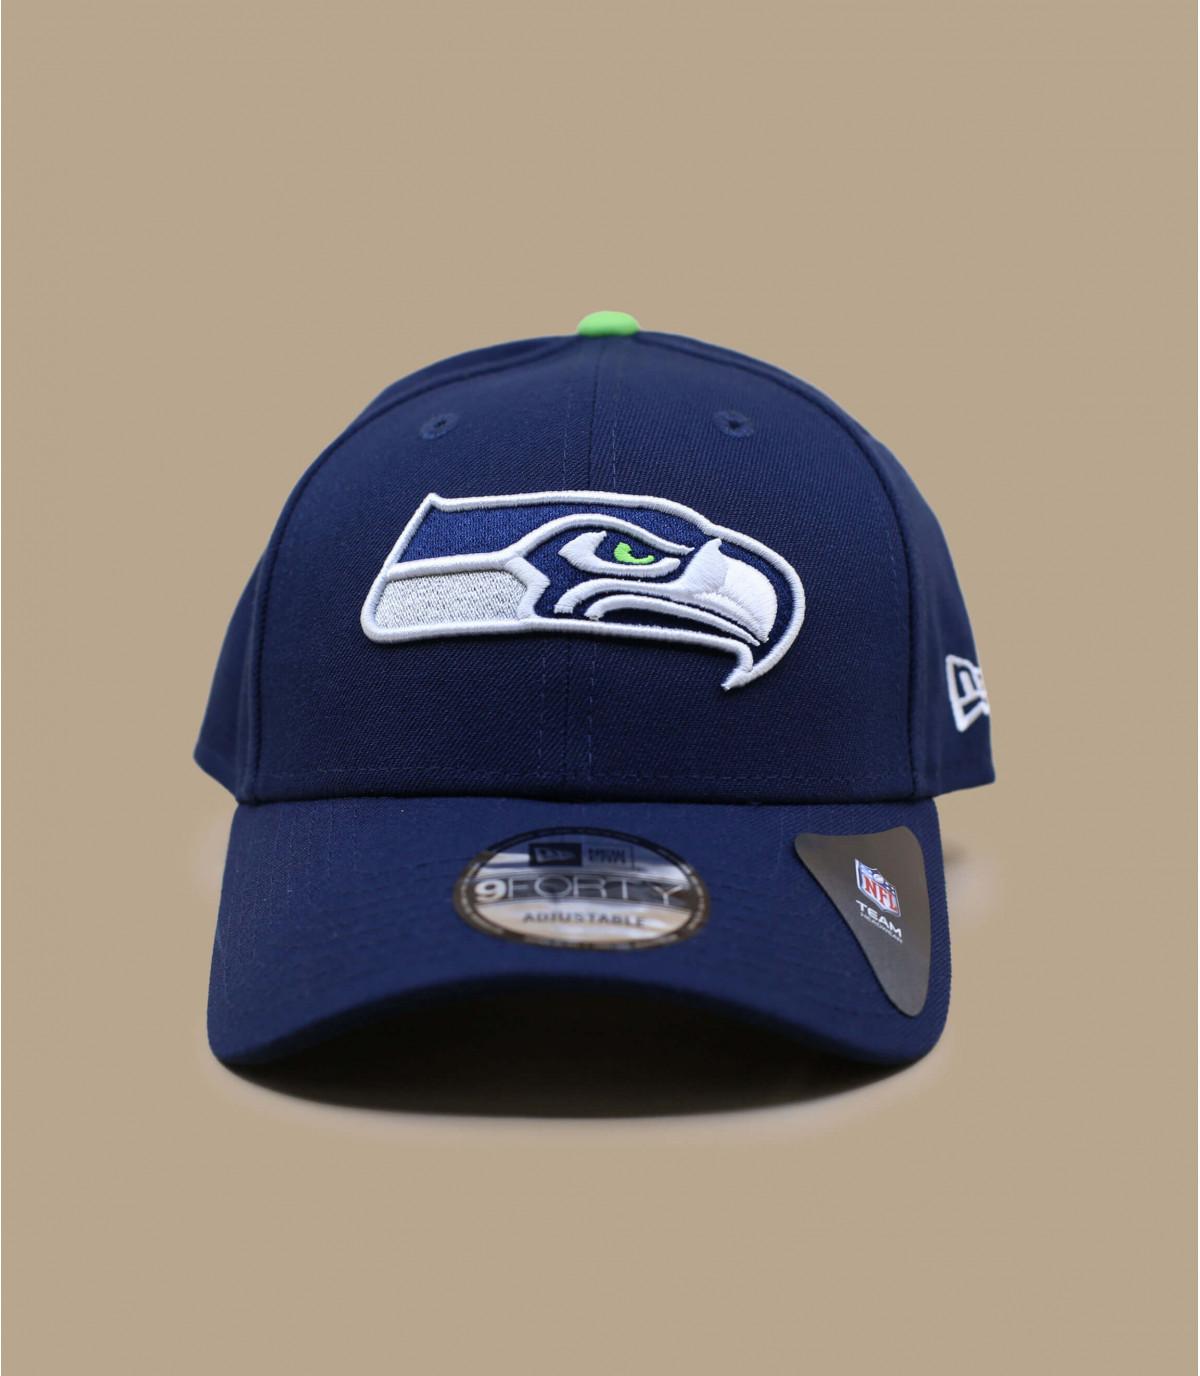 blue Seahawks cap